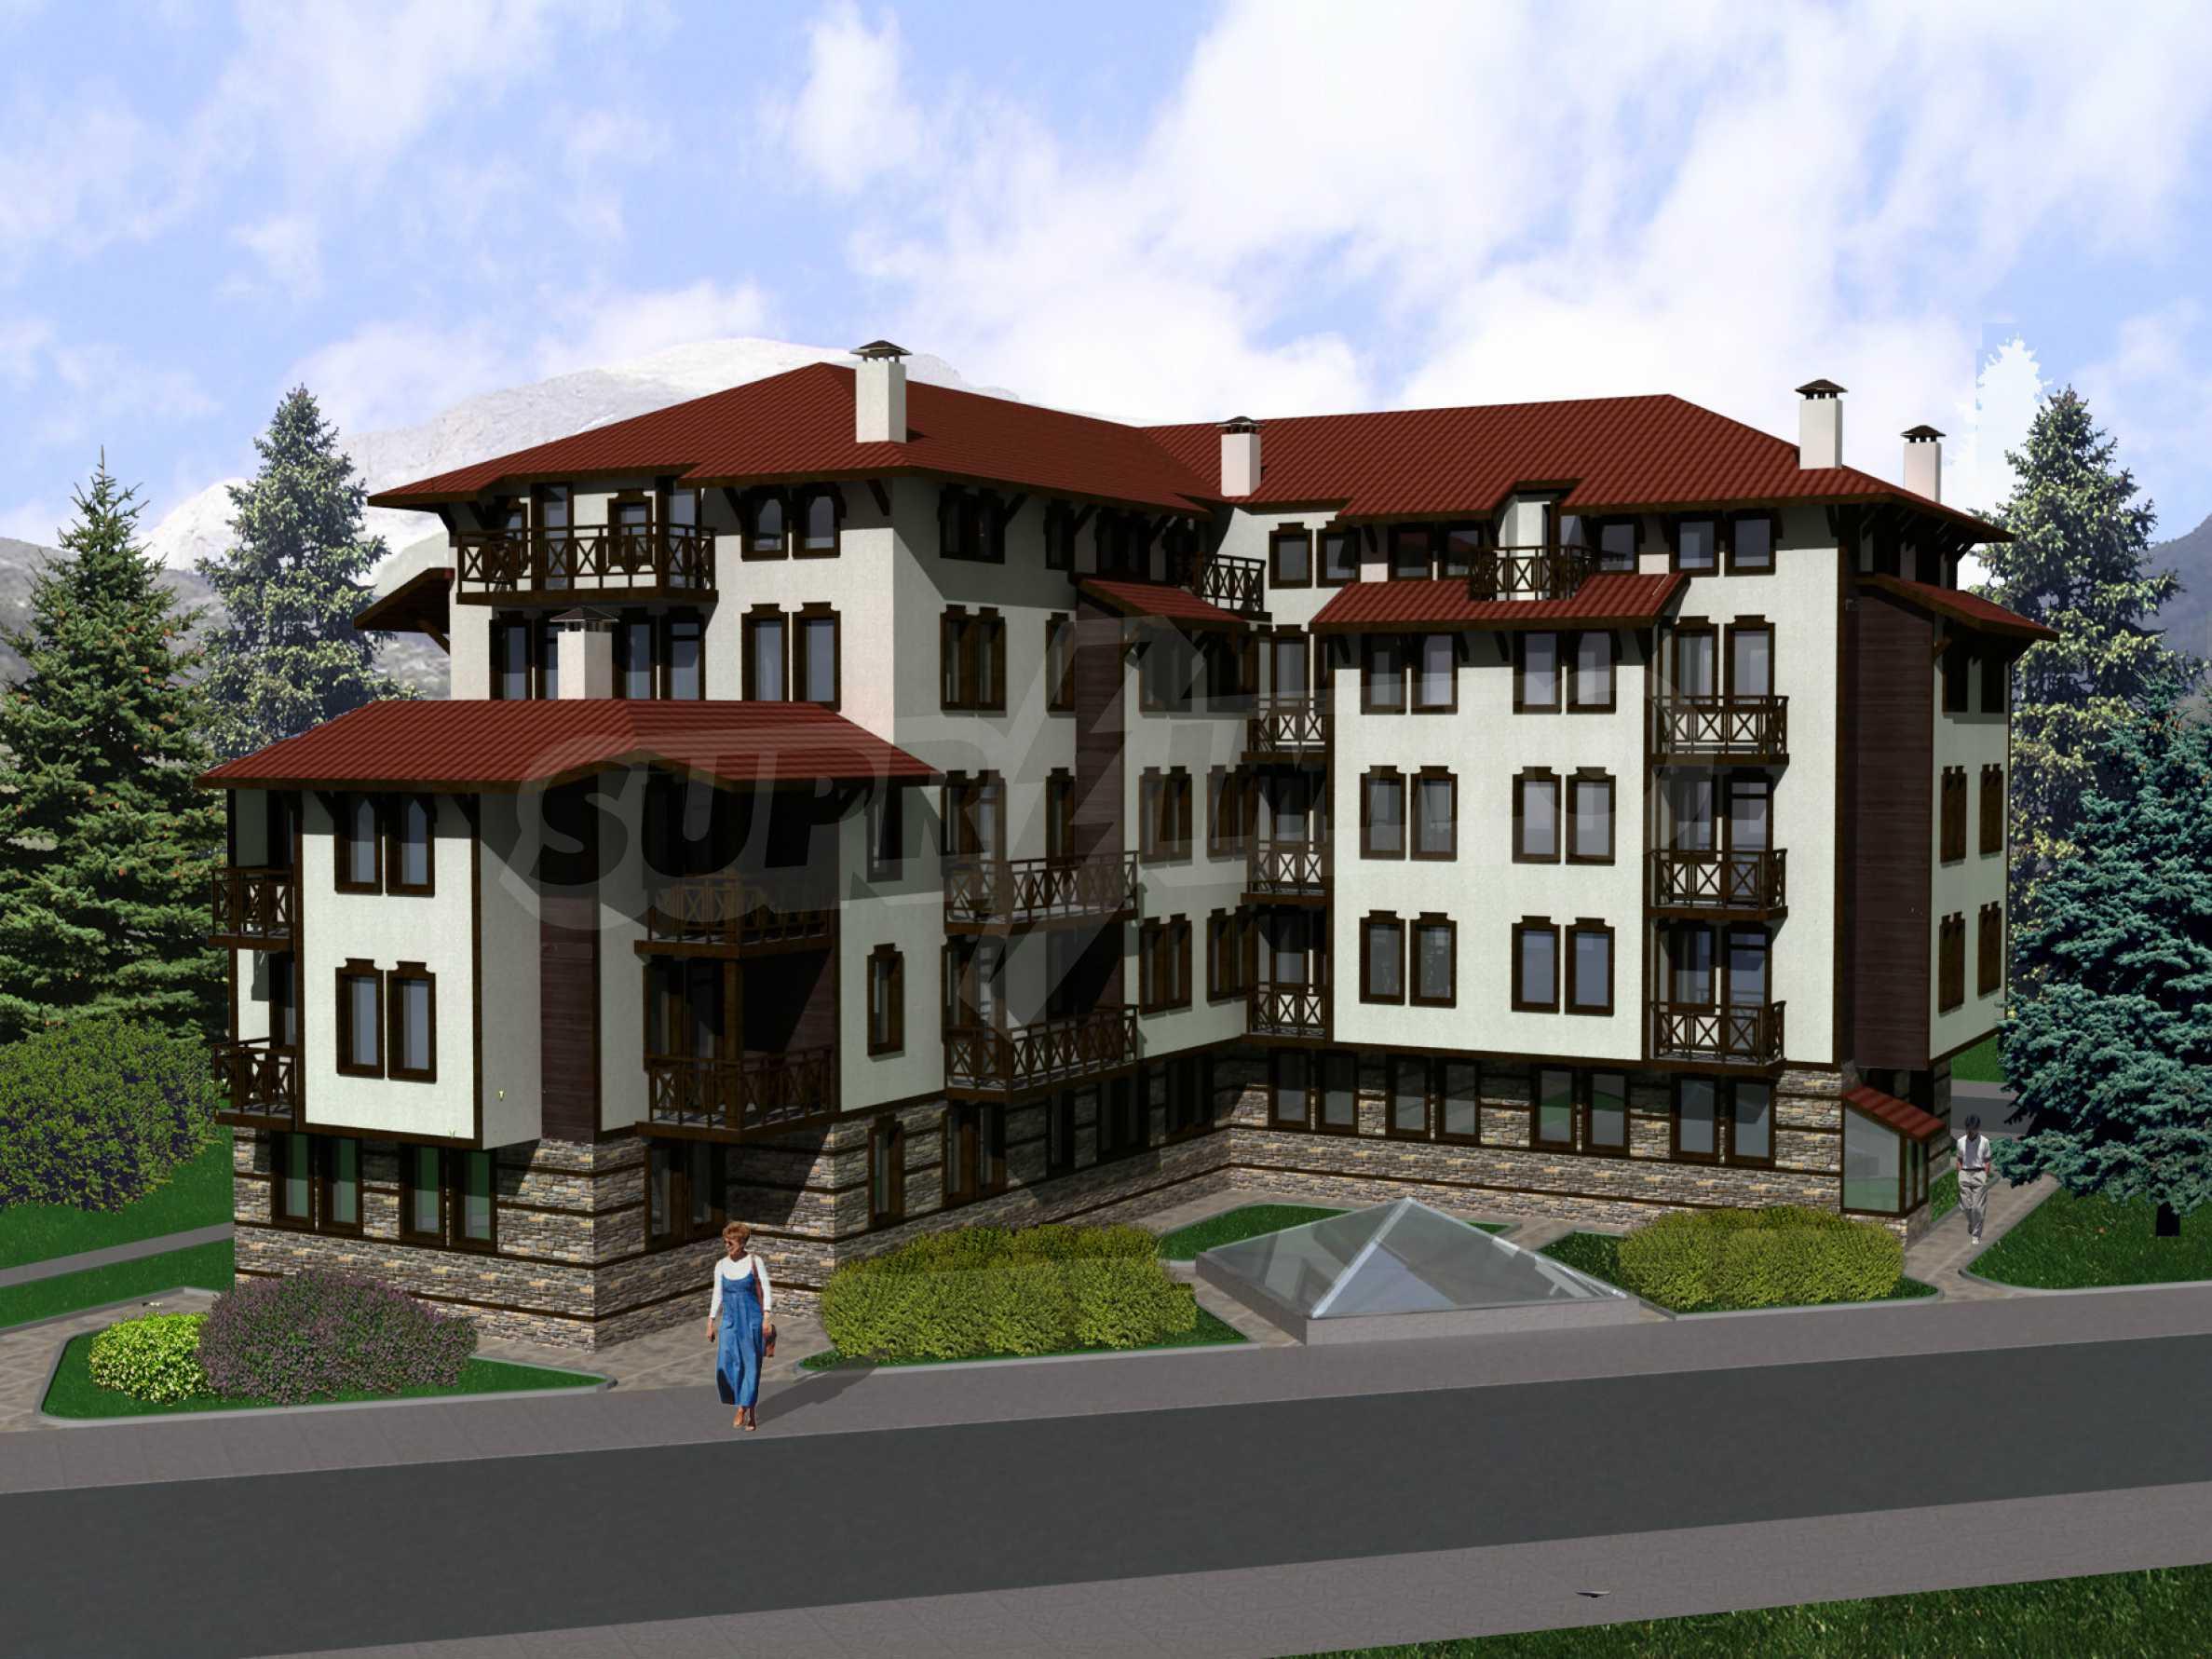 Investitionsprojekt für ein Wohngebäude in Bansko neben dem Kempinski Hotel